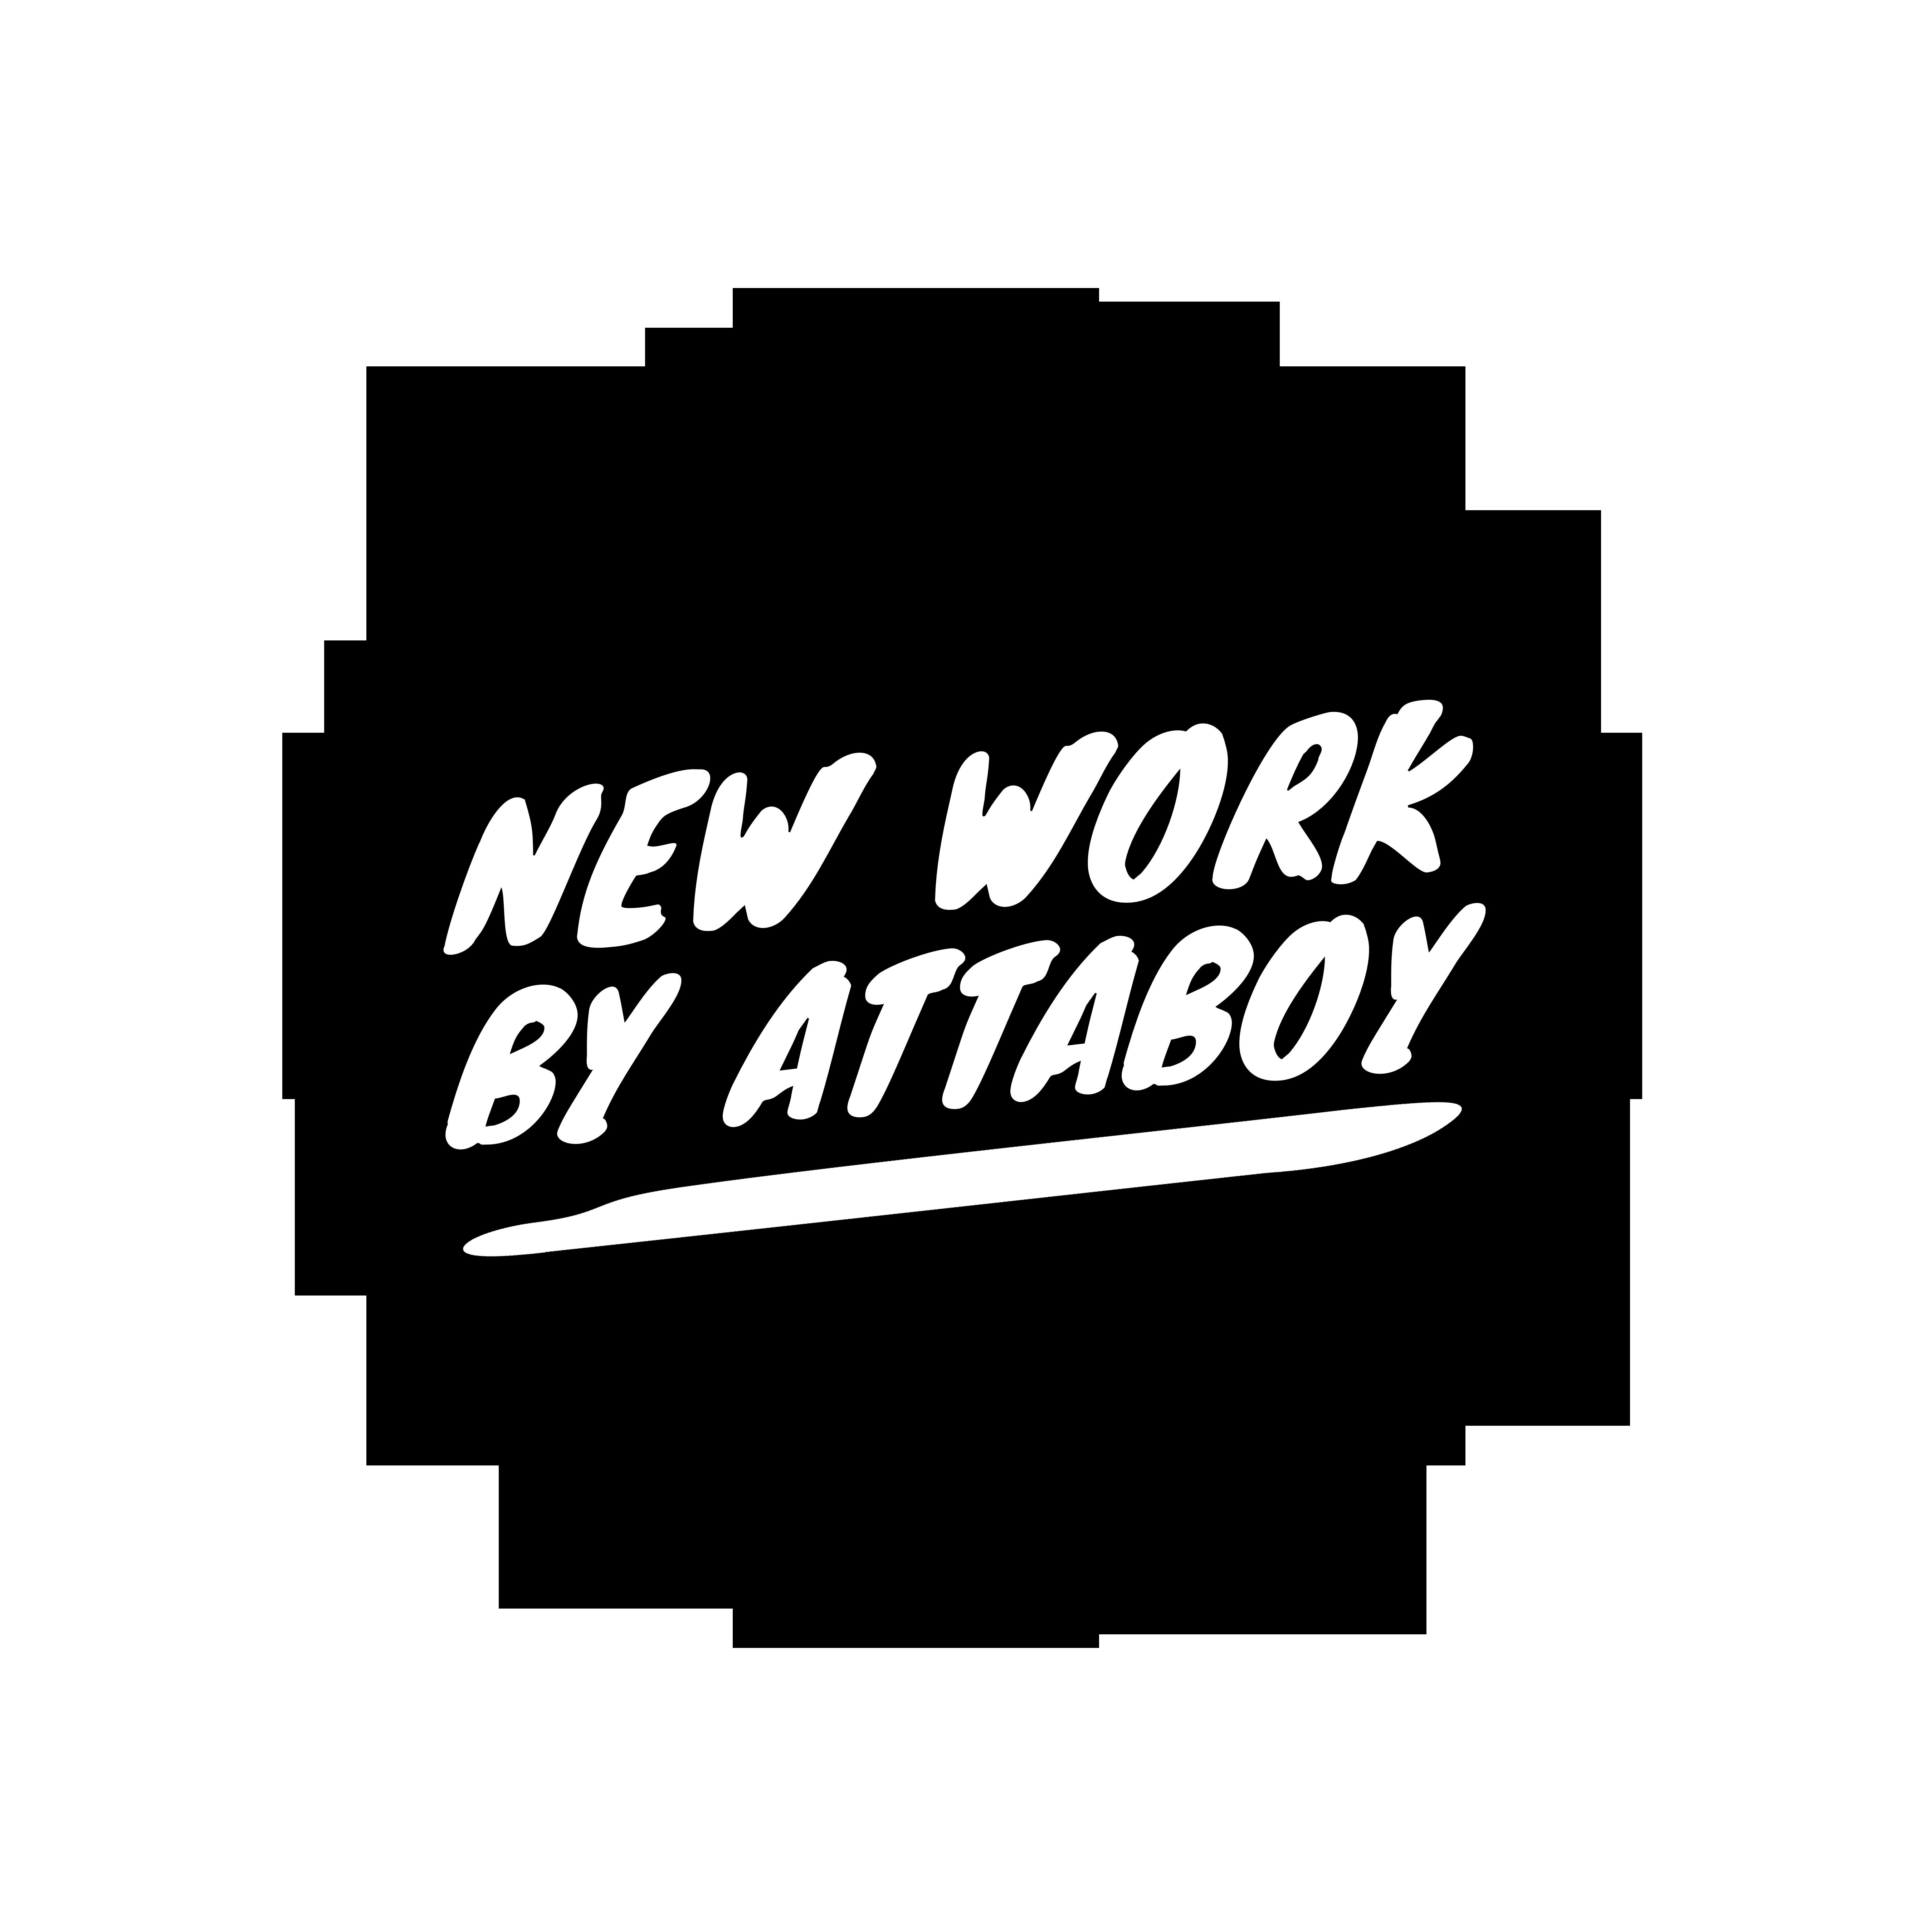 New work by Attaboy